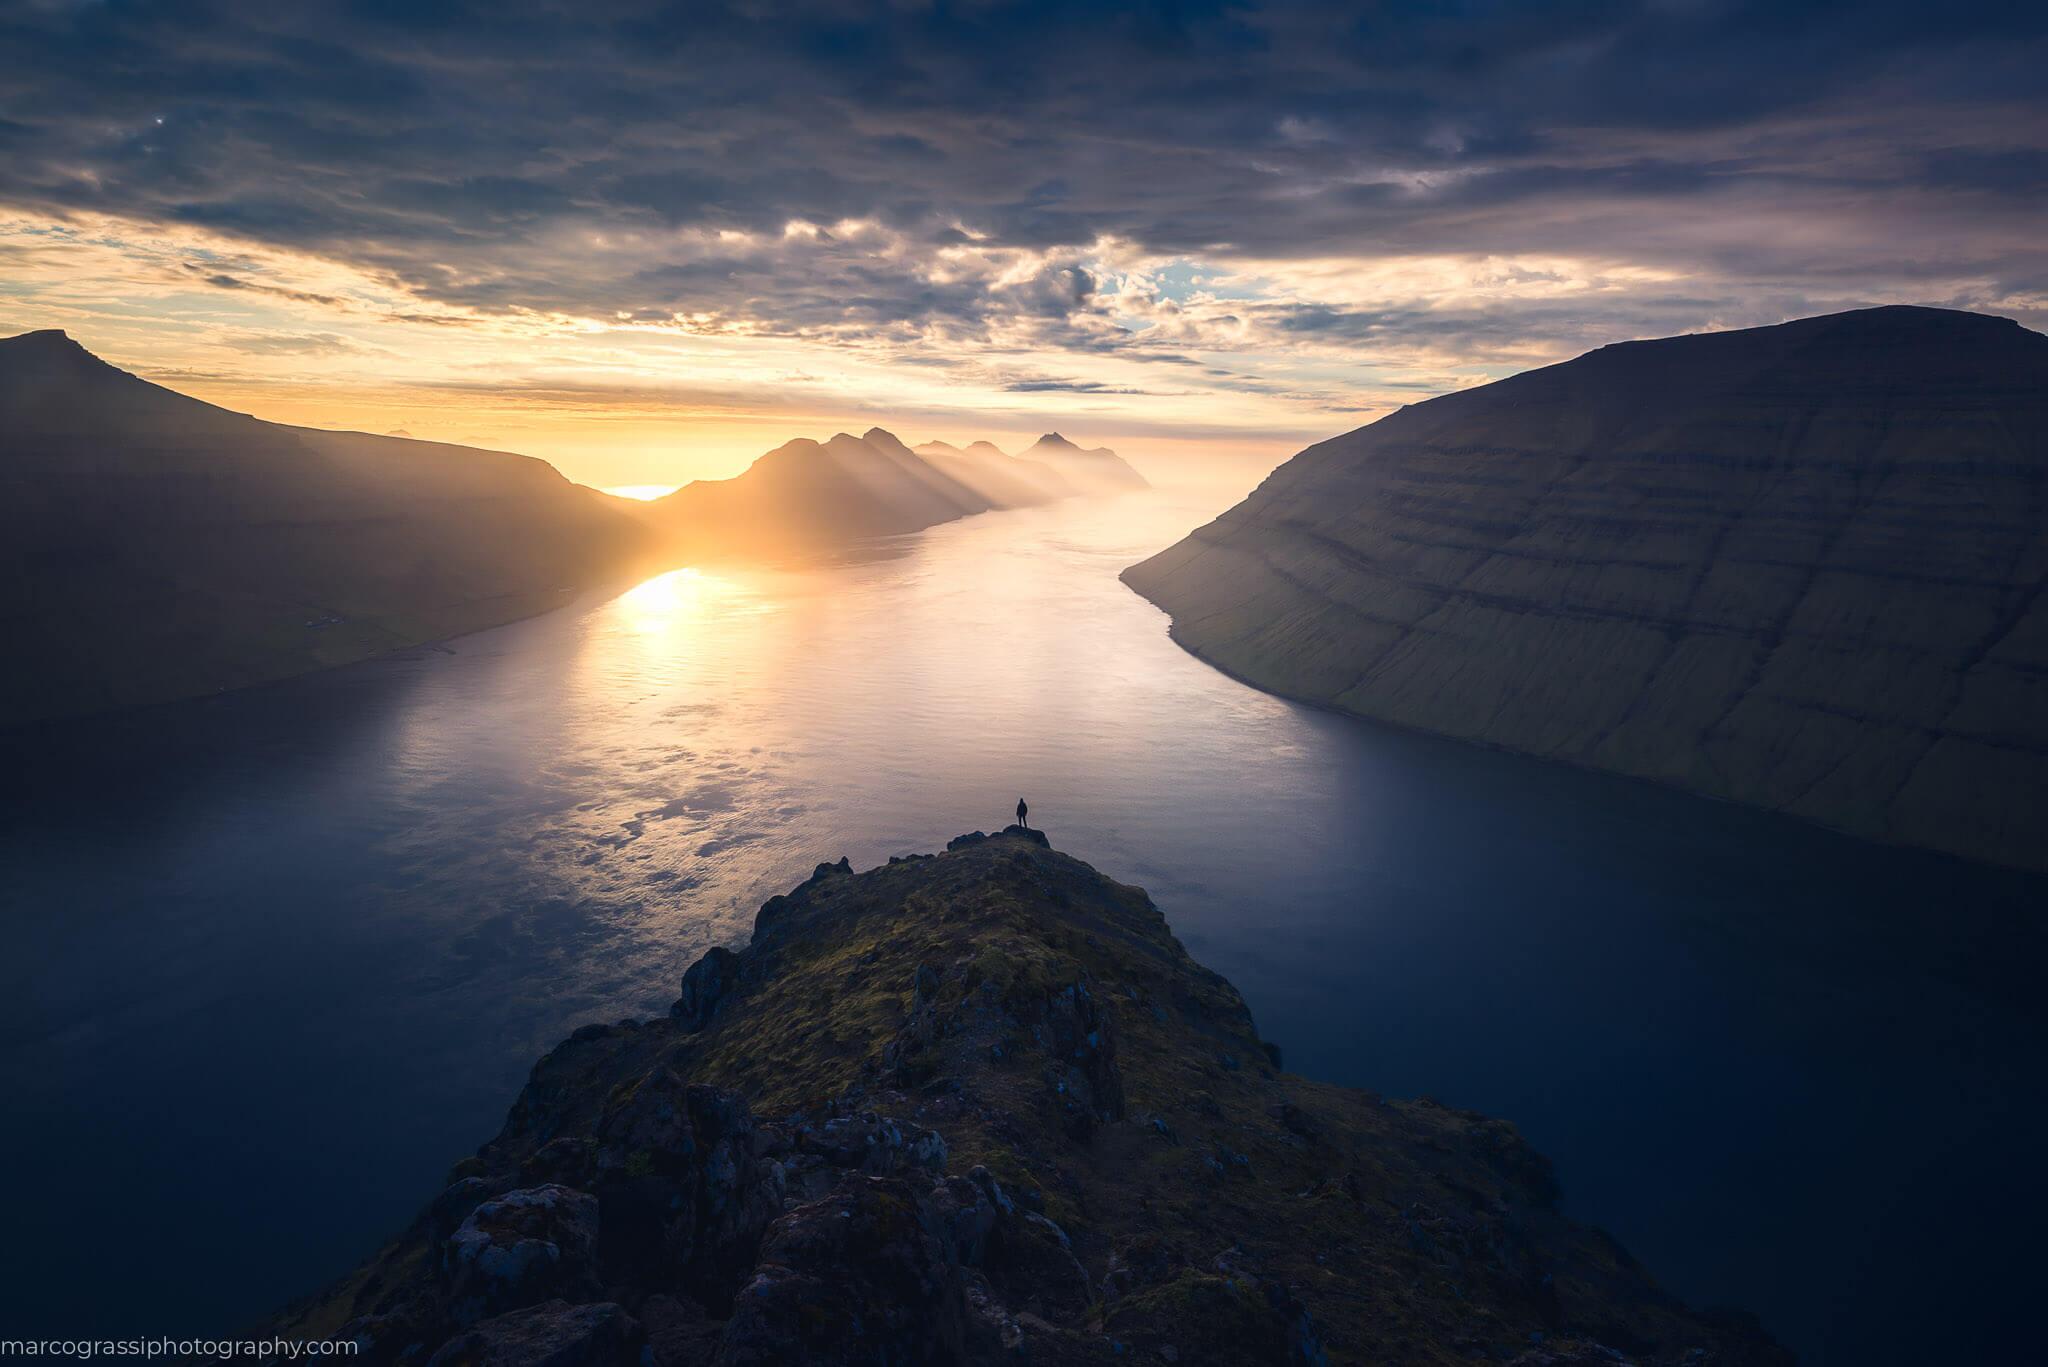 Sunset in Faroe Islands